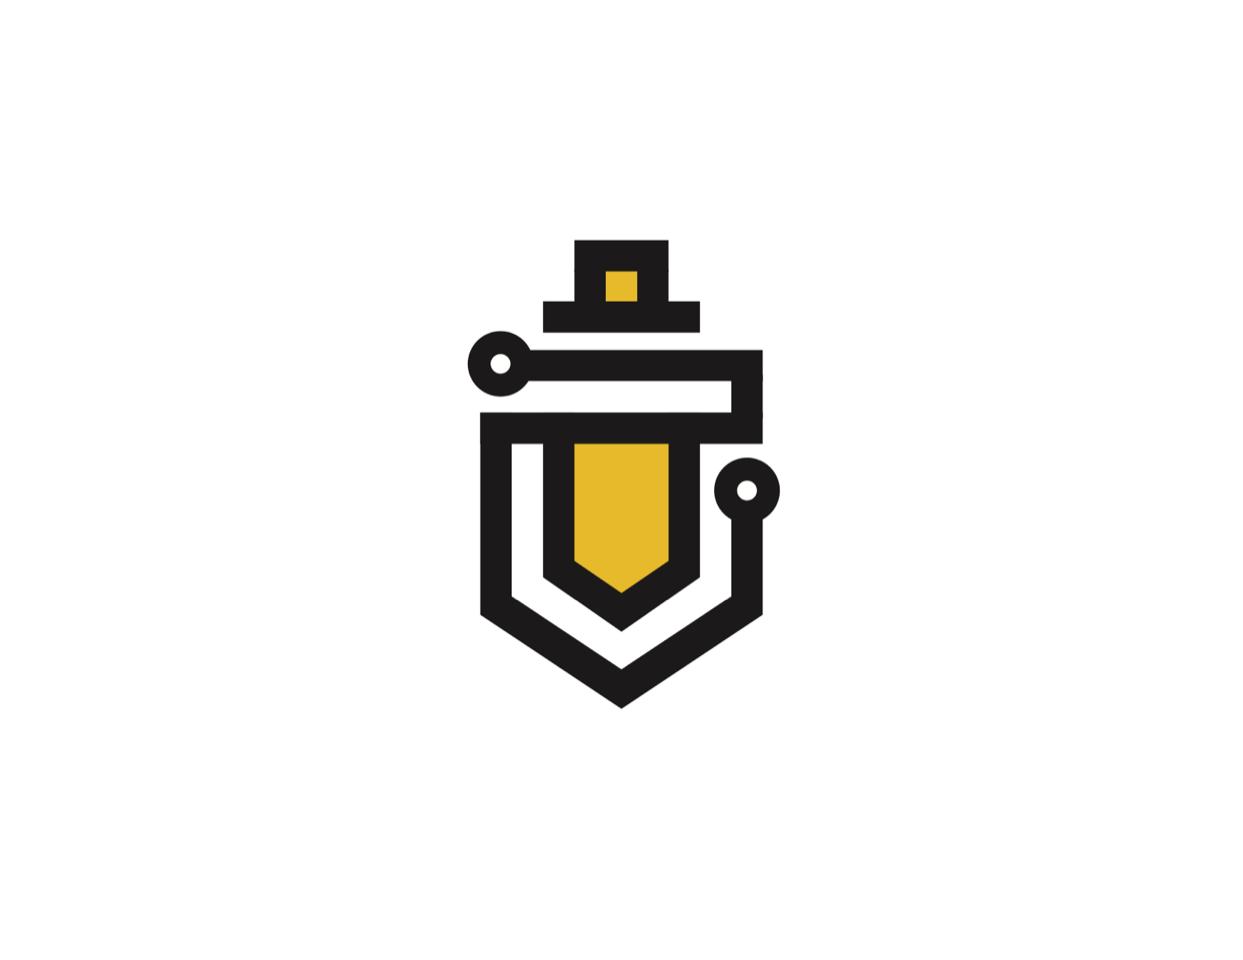 Nacionalinis kibernetinio saugumo centras